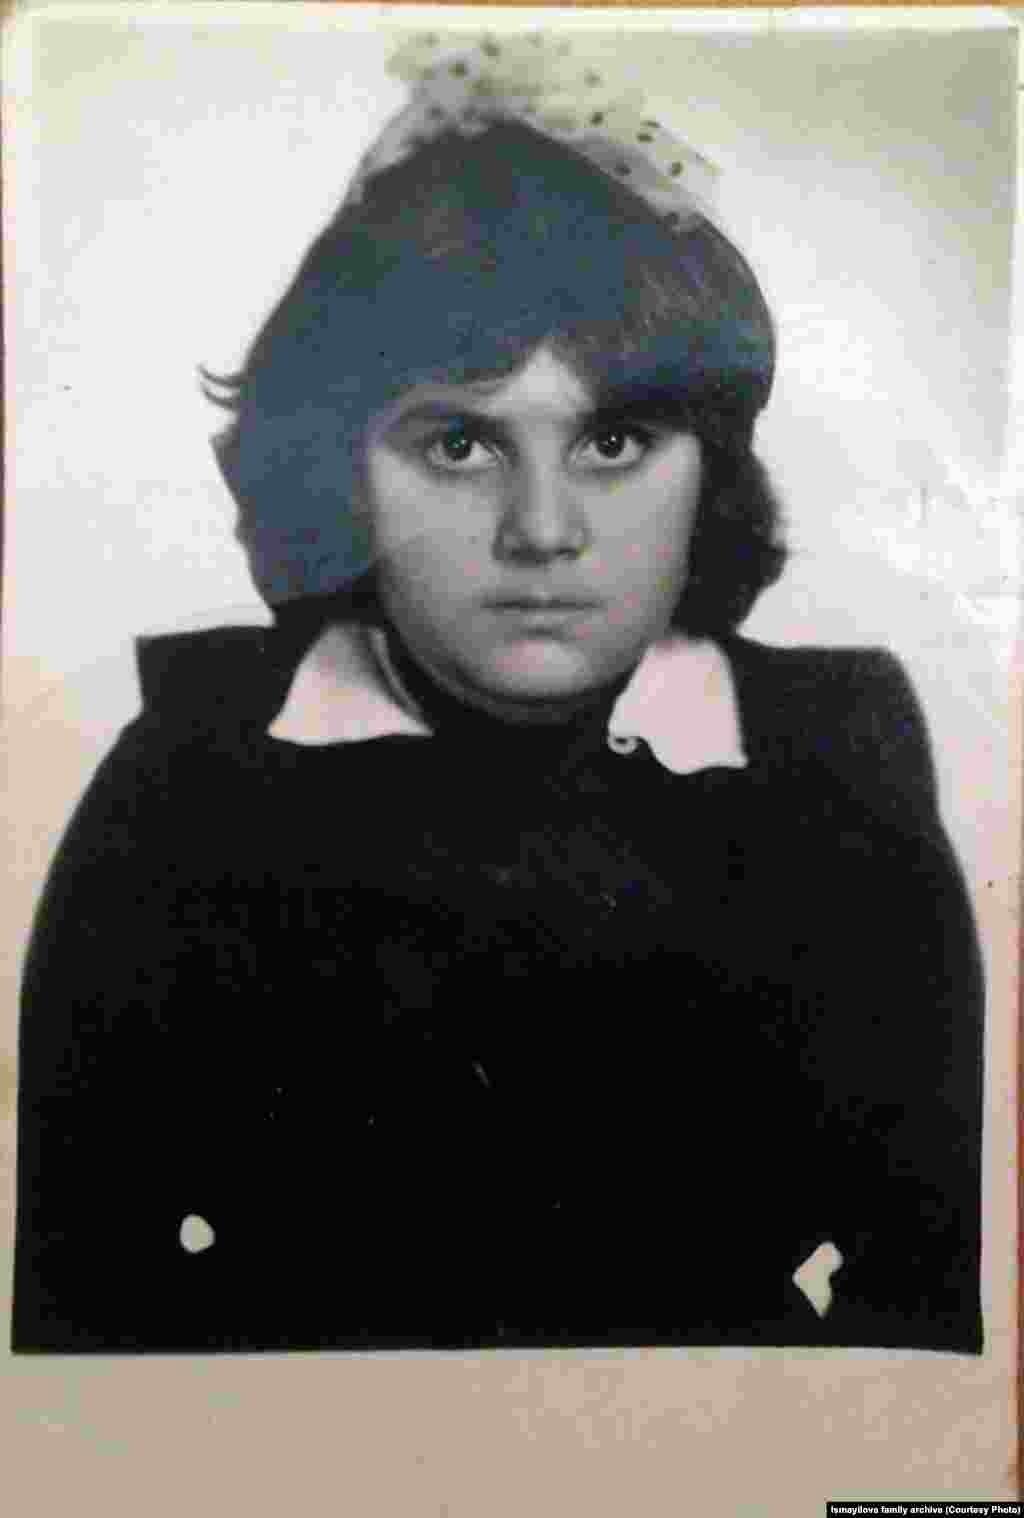 В 2014 году Хадиджа писала, что через оффшорные компании две дочери Алиева контролируют один из главных телекоммуникационных операторов страны - Azercell.